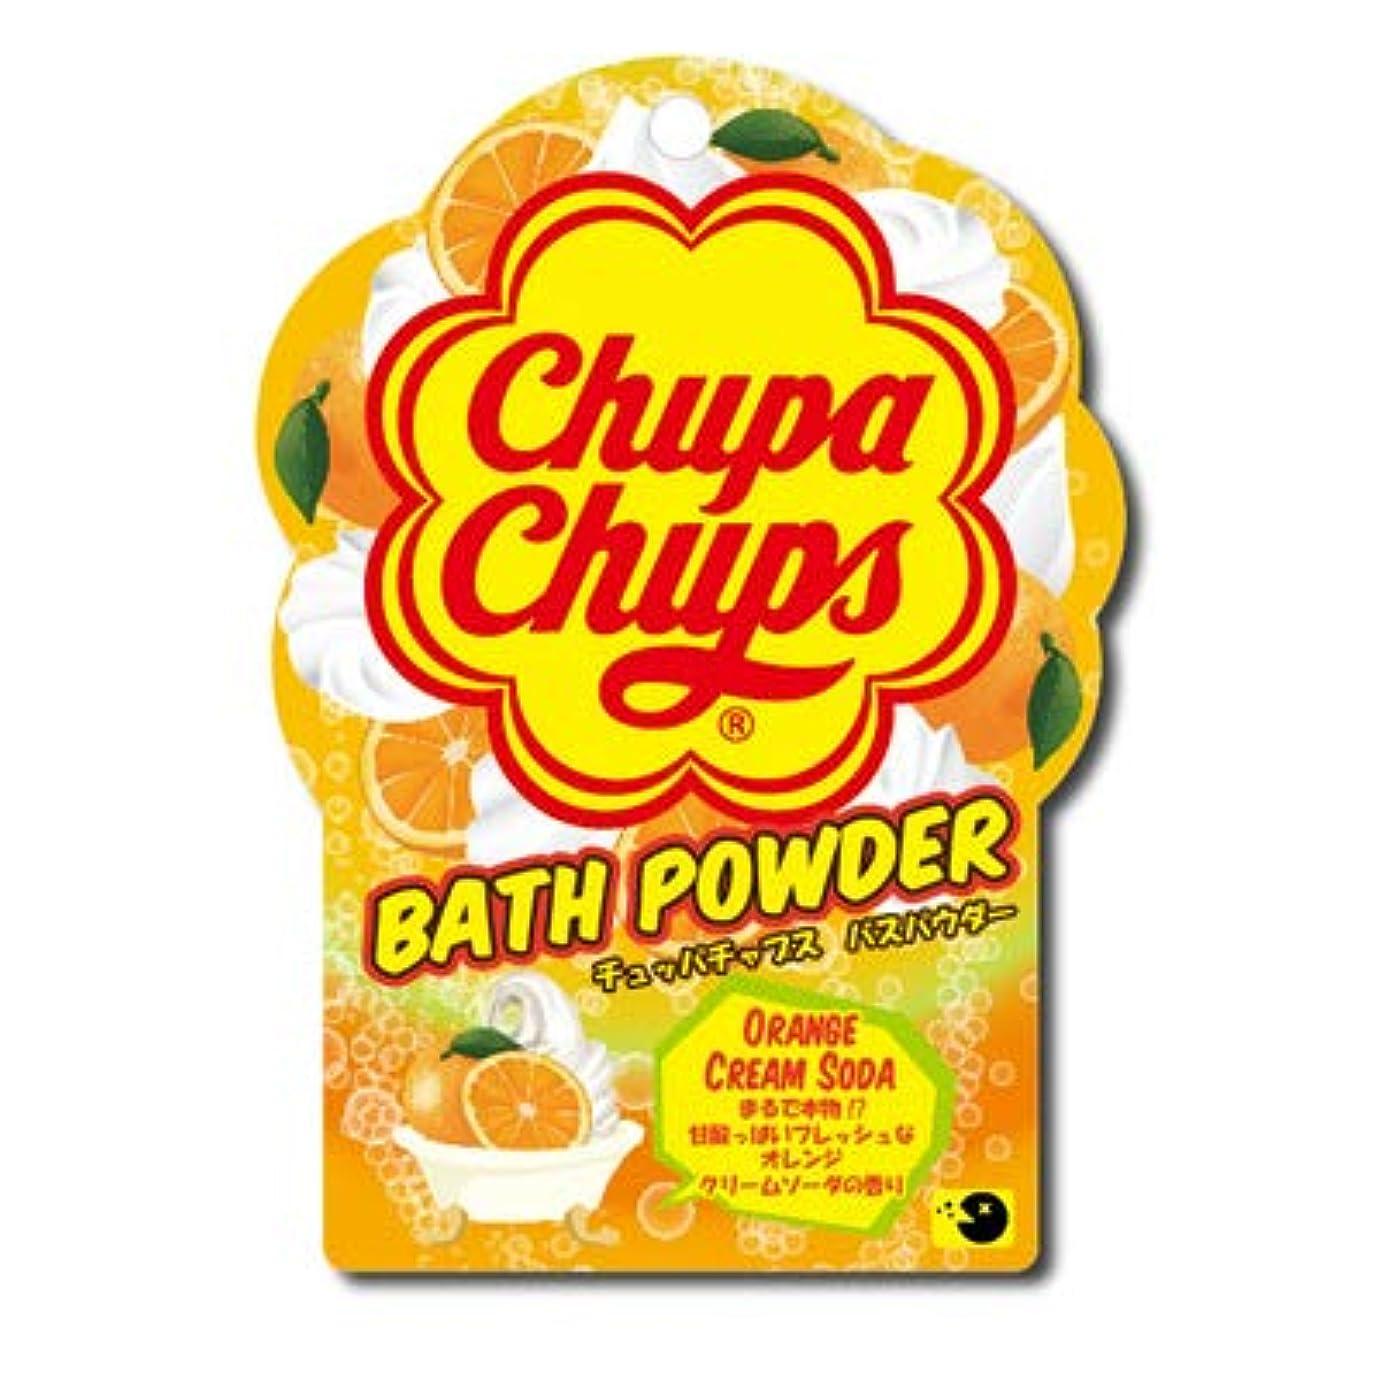 絡まる胆嚢ずるい【まとめ買い3個セット】 チュッパチャプスバスパウダー オレンジクリームソーダ